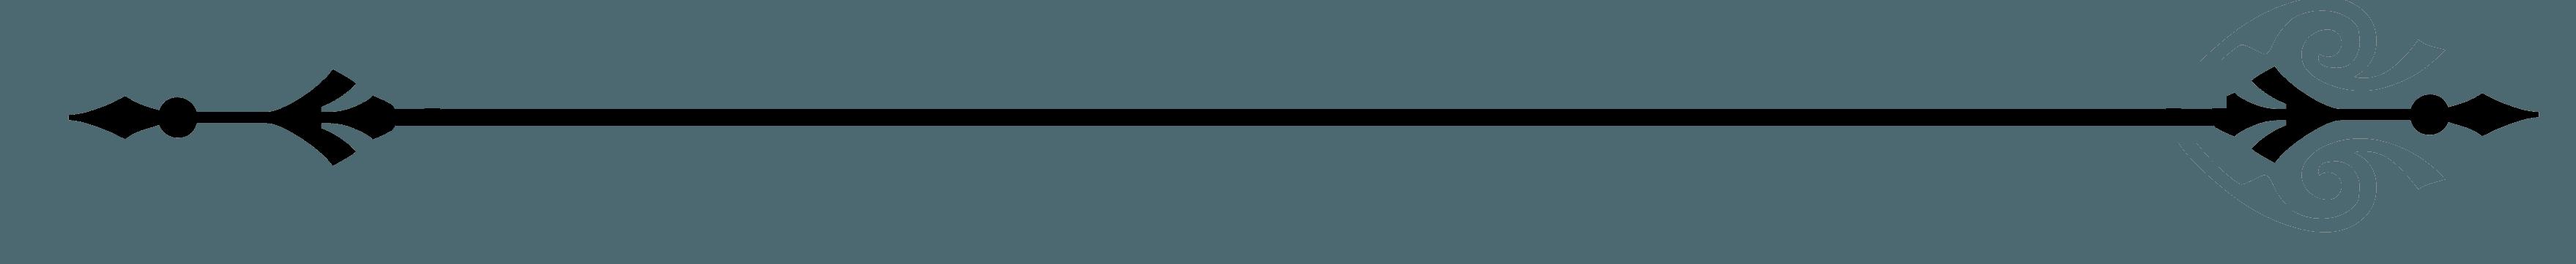 border.png (3517×361)